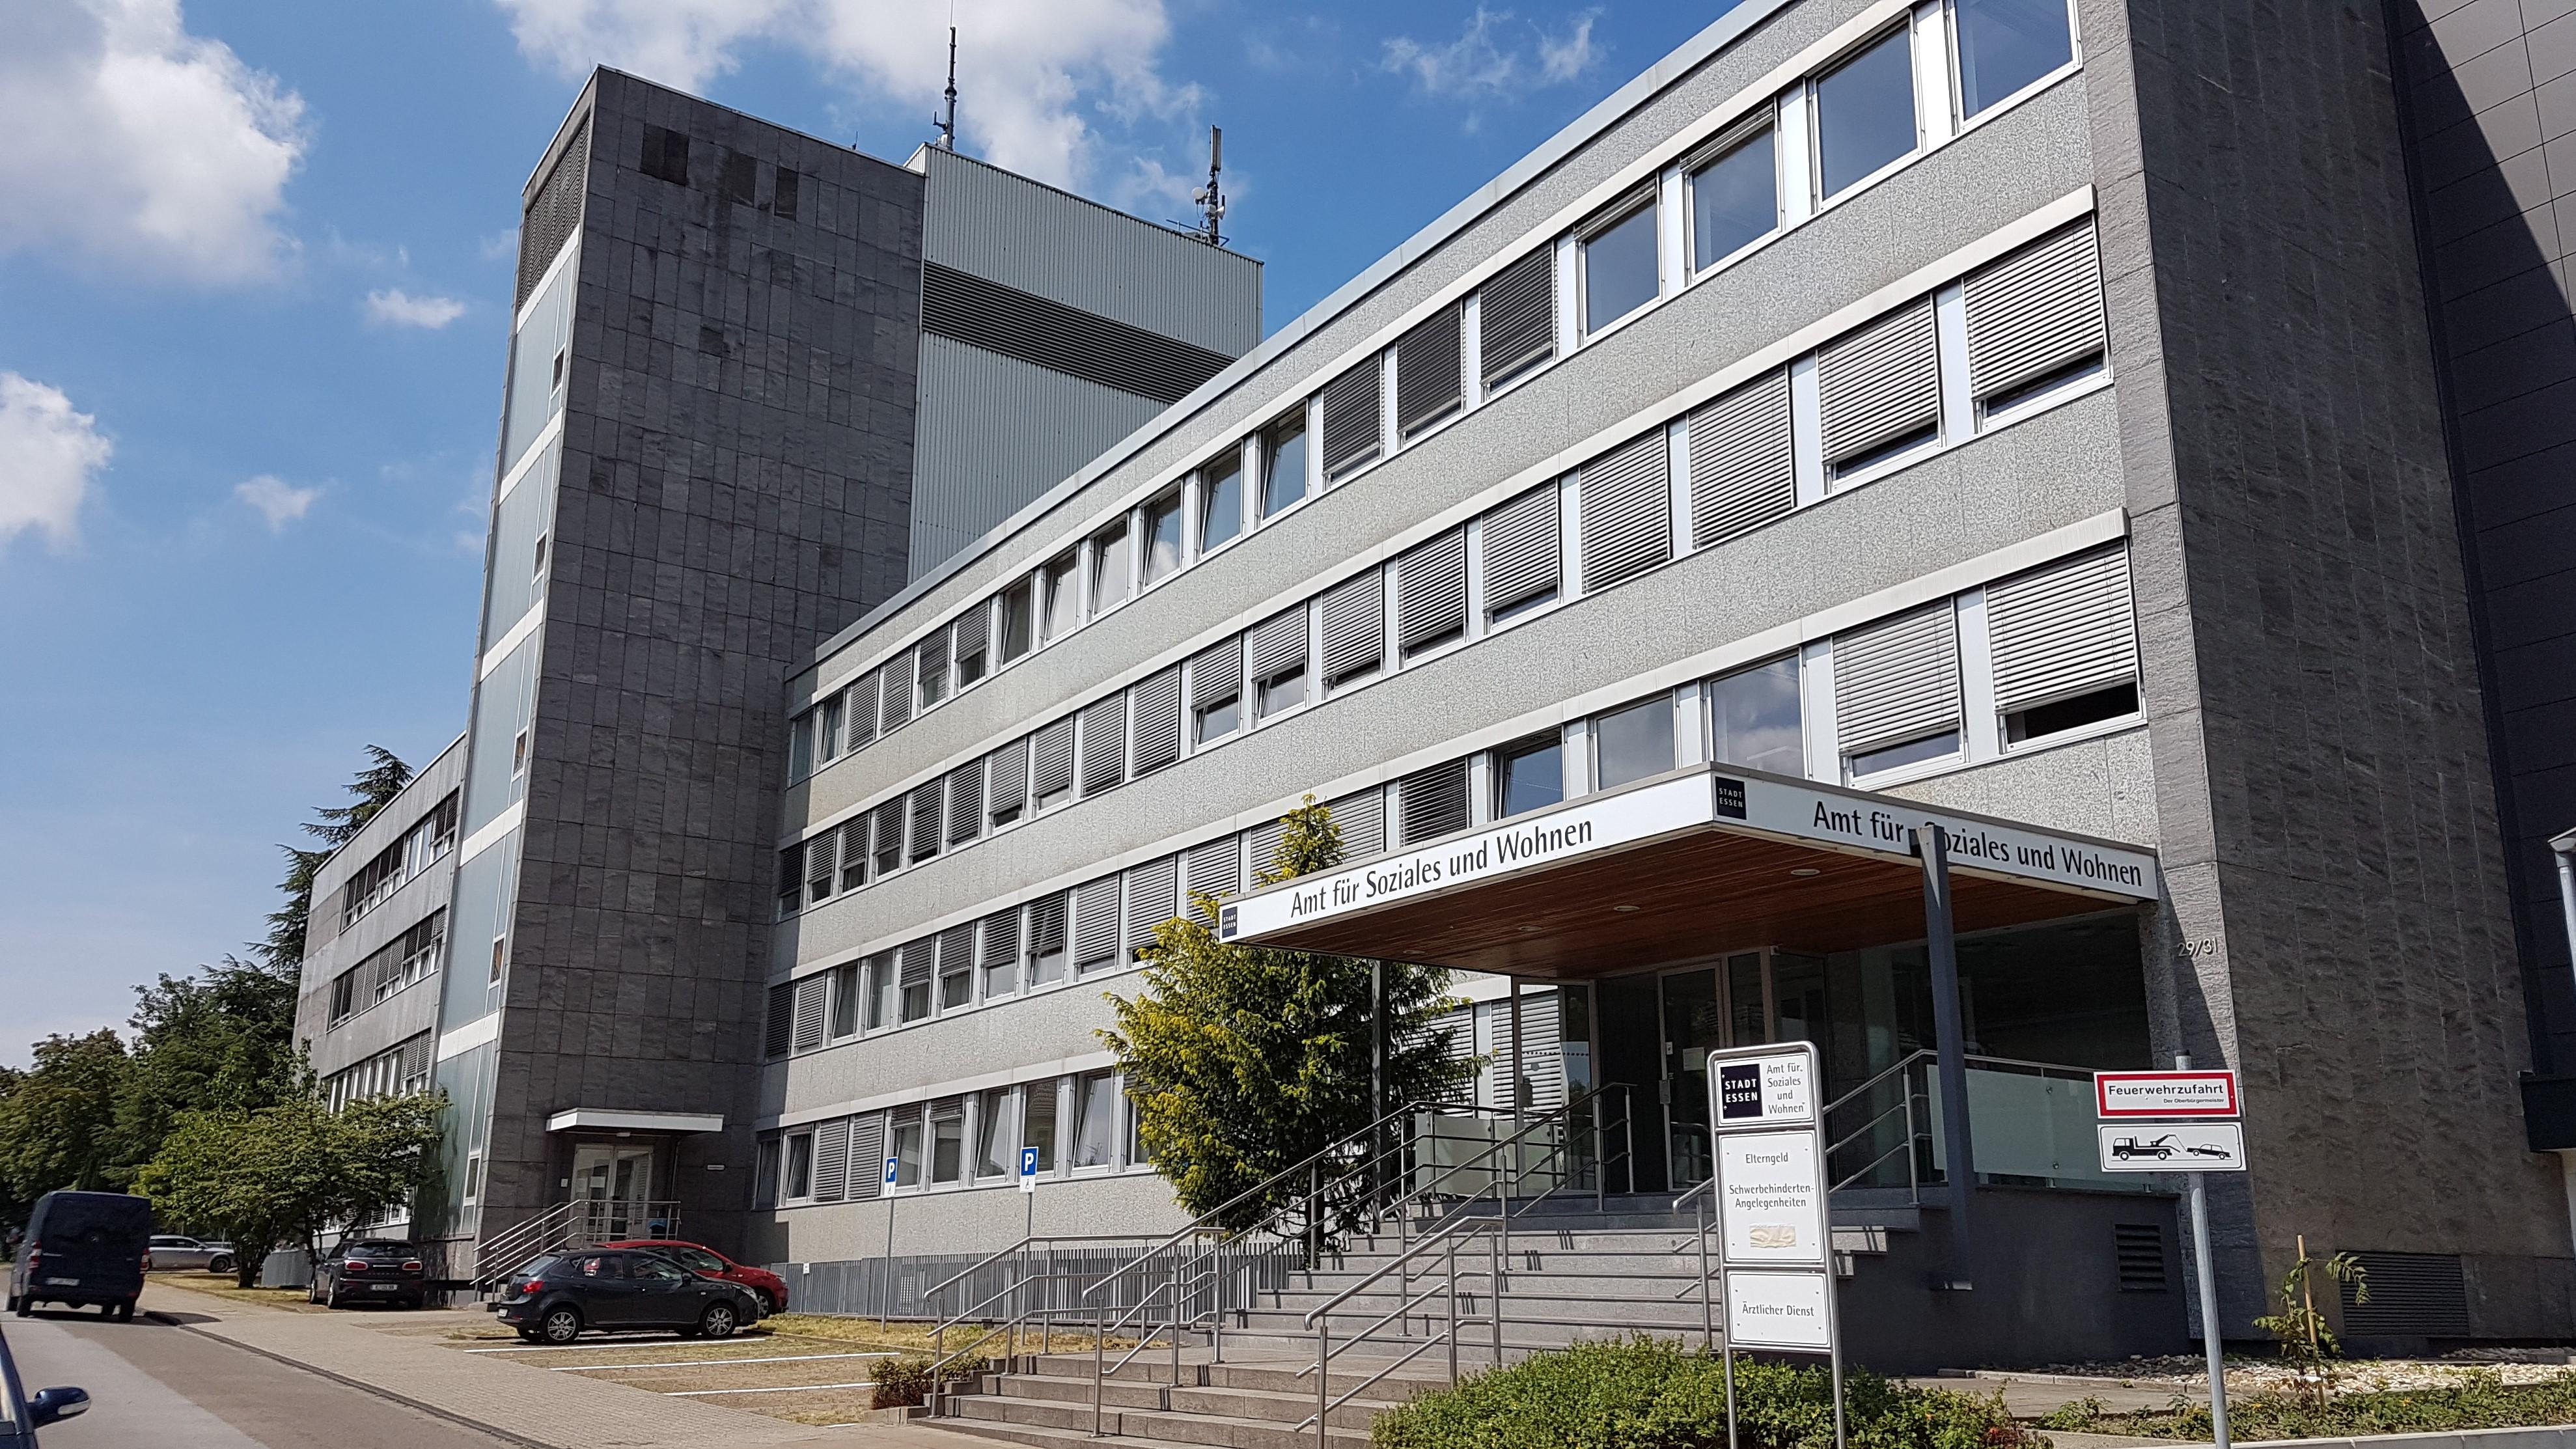 Foto: Eingang des Verwaltungsgebäudes Klinkestr. 29-31, Aufschrift: Amt für Soziales und Wohnen. Ein Schild im Vordergrund Elterngeld und Schwerbehindertenangelegenheiten.